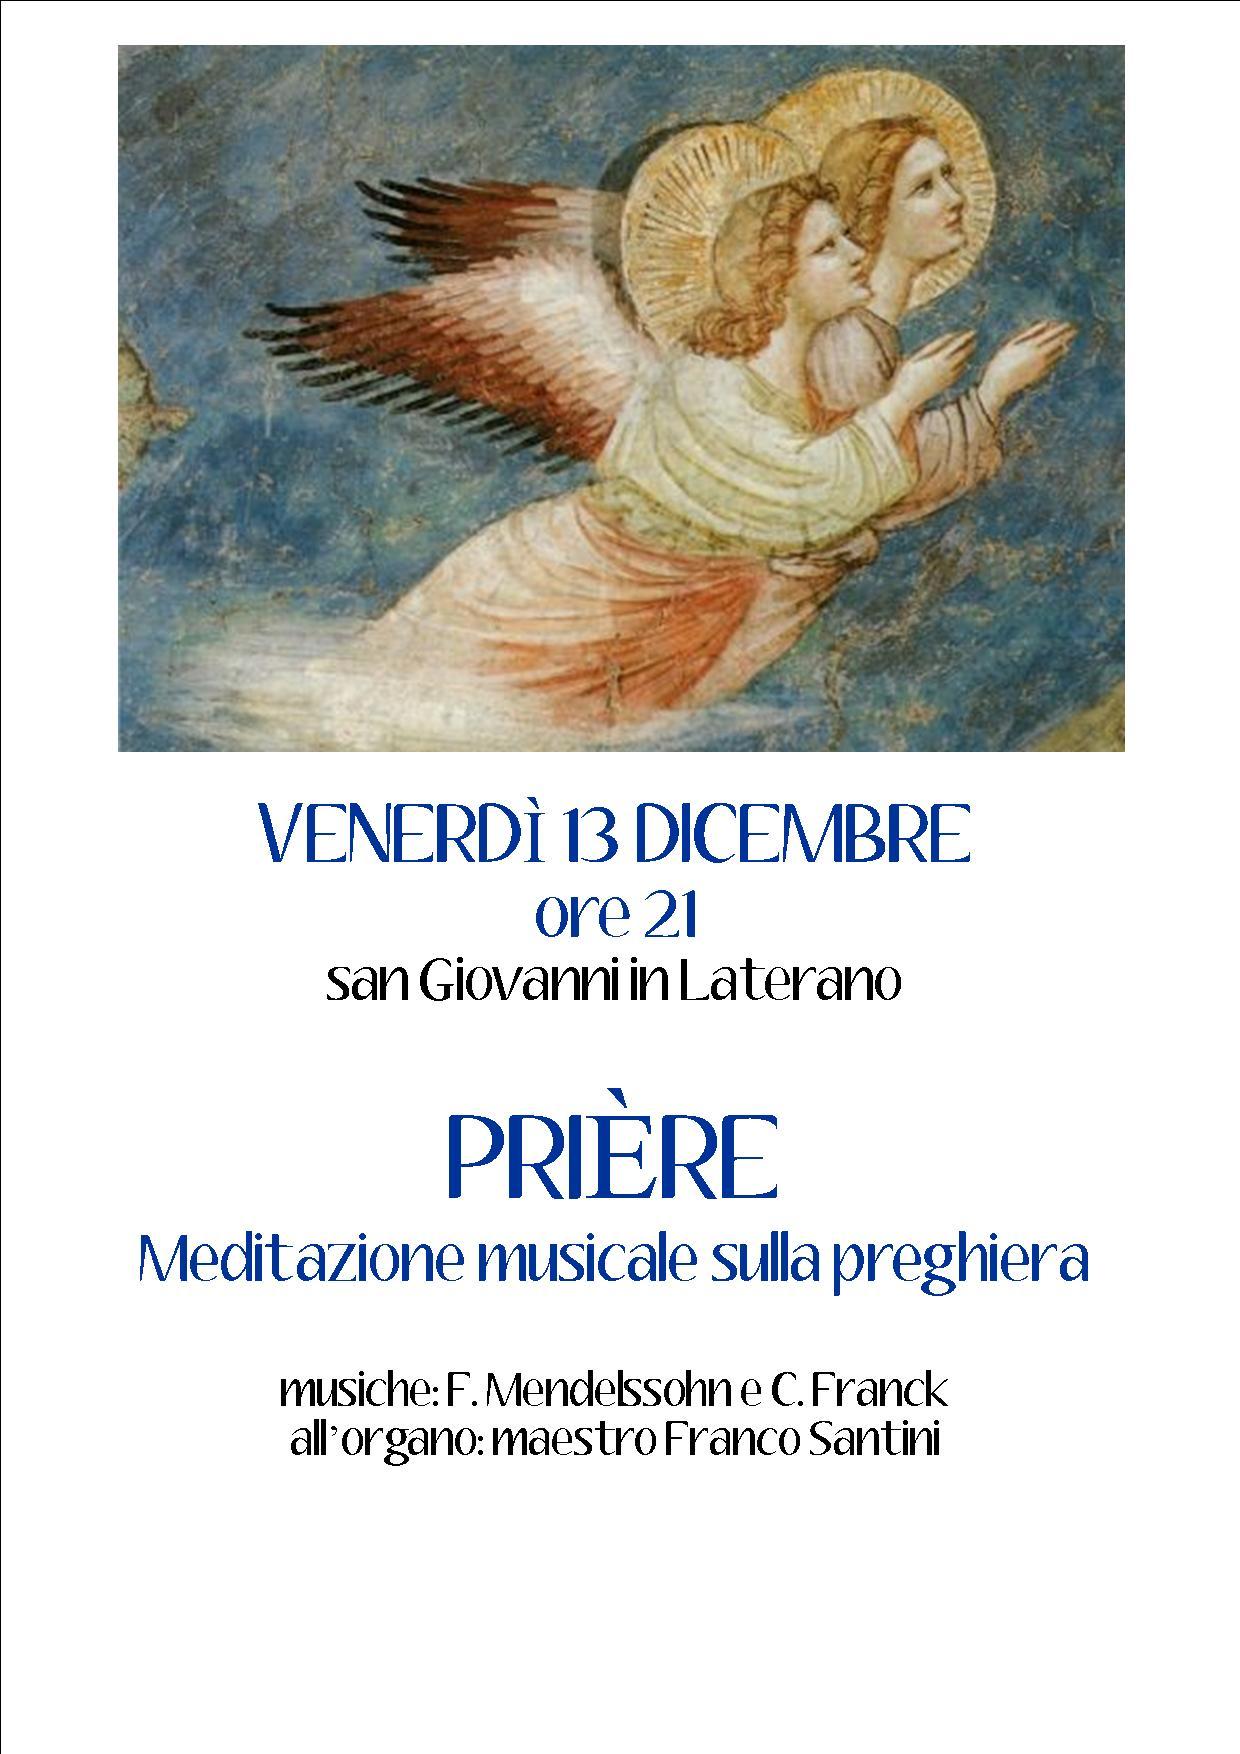 priere-santini-13122019